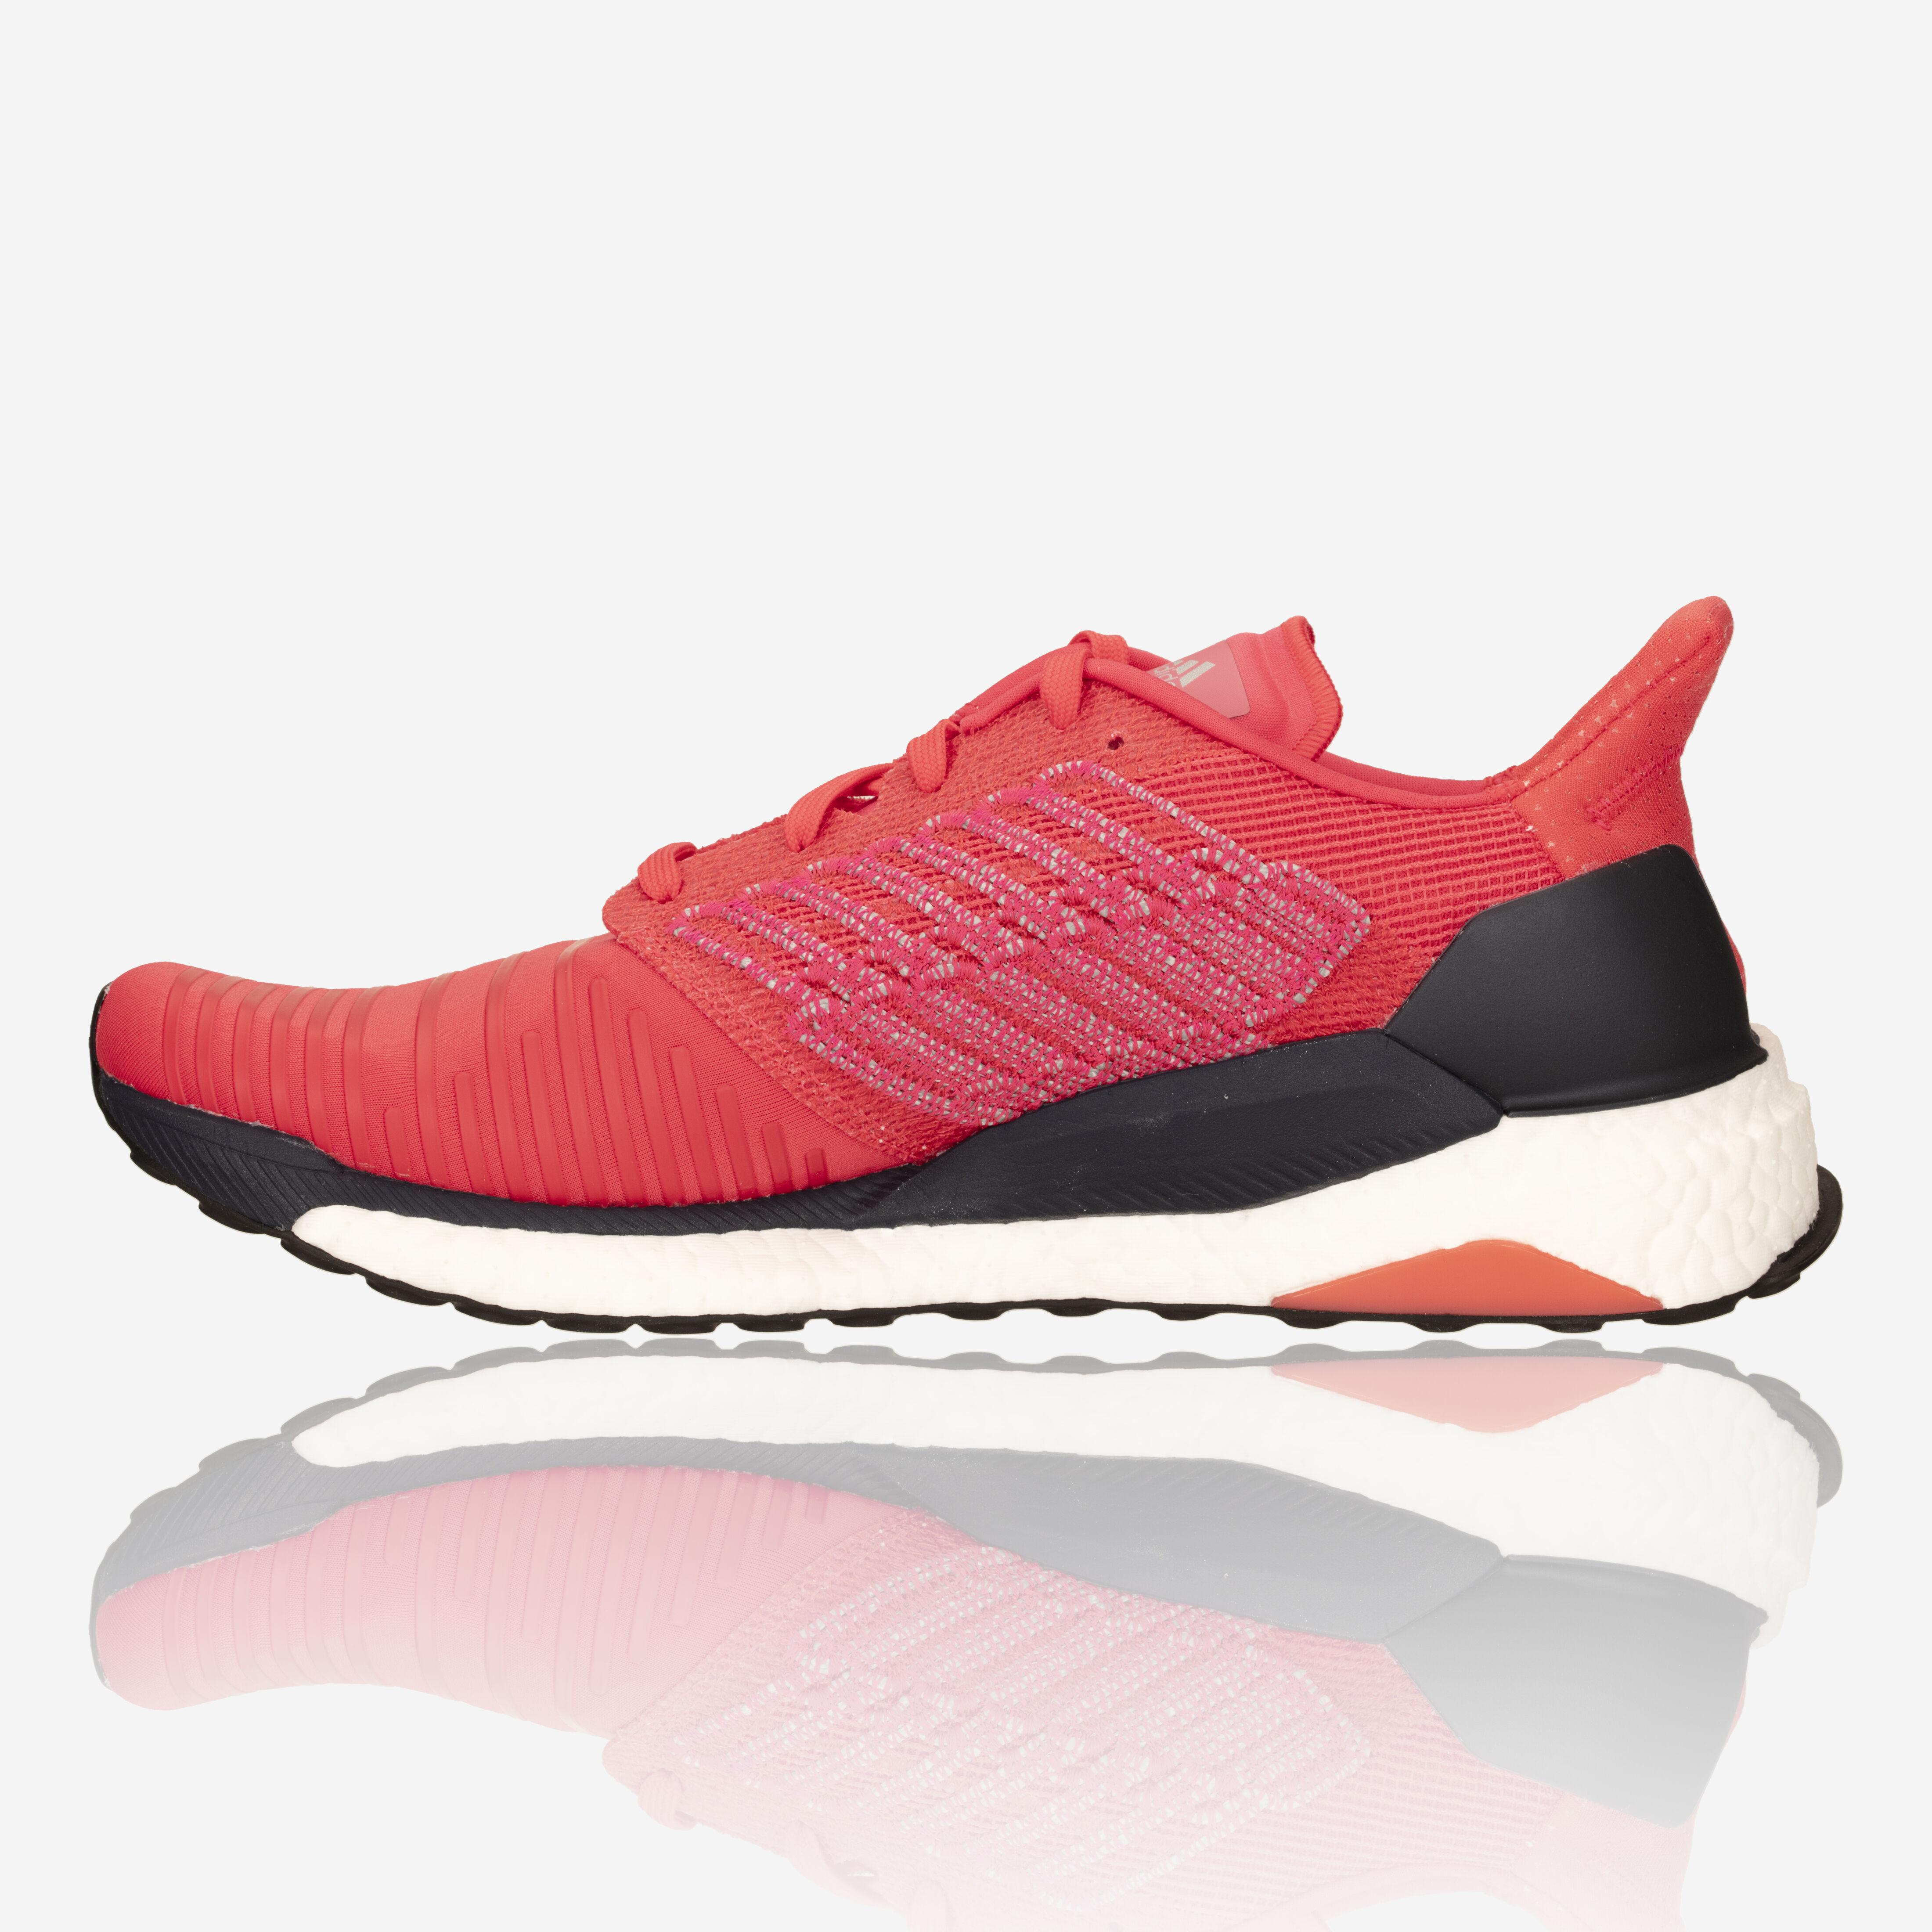 best website 2498b 389a3 Adidas Solar Boost